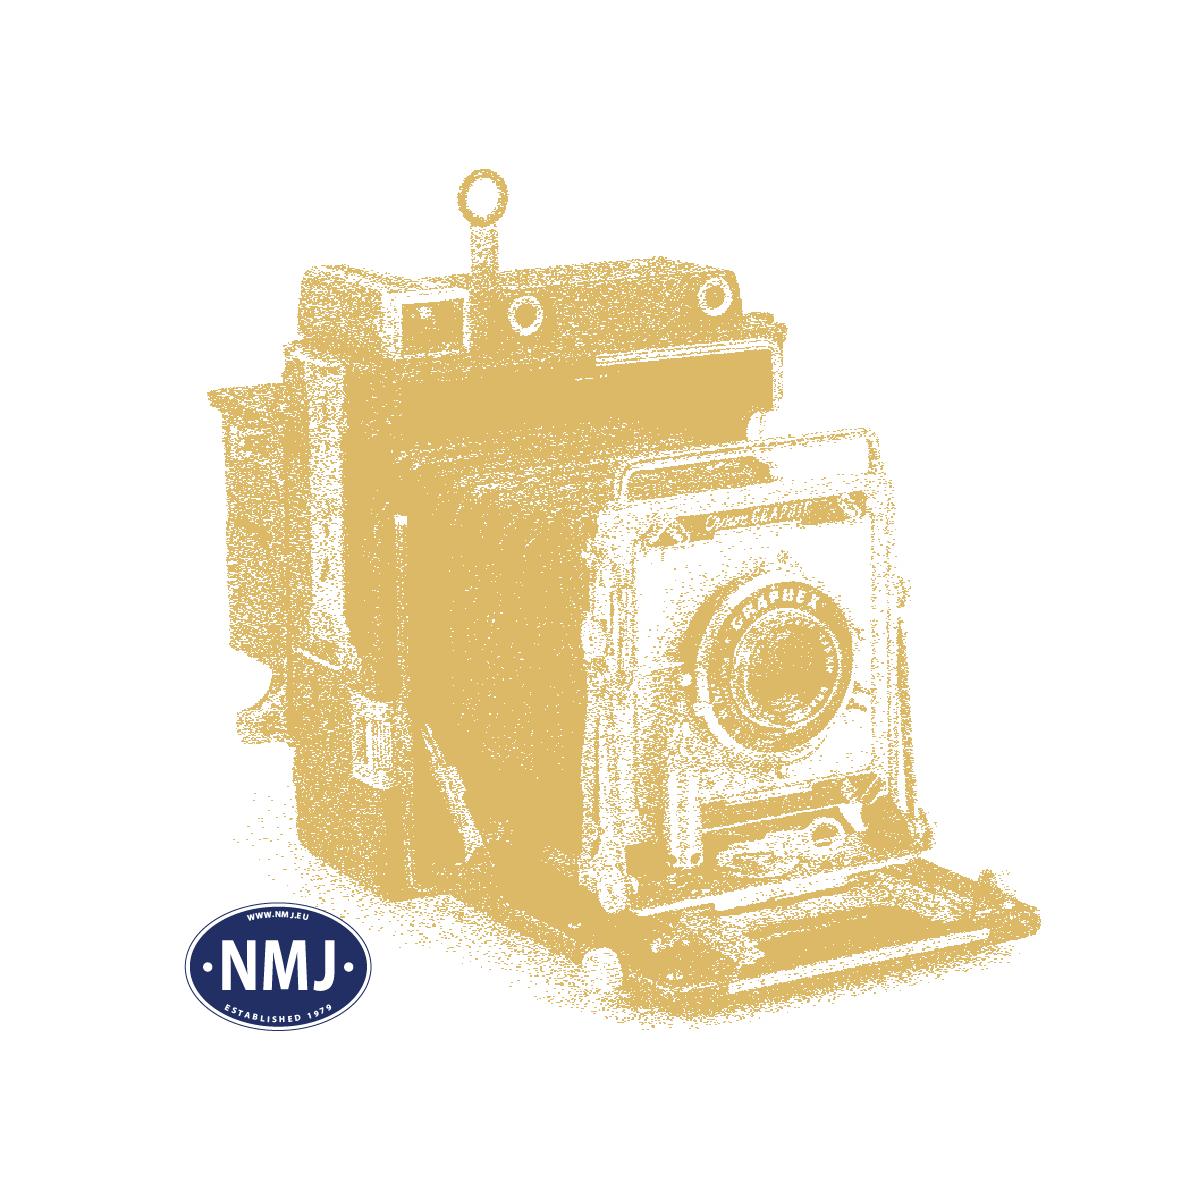 NMJ0.21310 - NMJ Superline Modell des Post/Gepäckwagens DF37.21310 der NSB, Spur 0